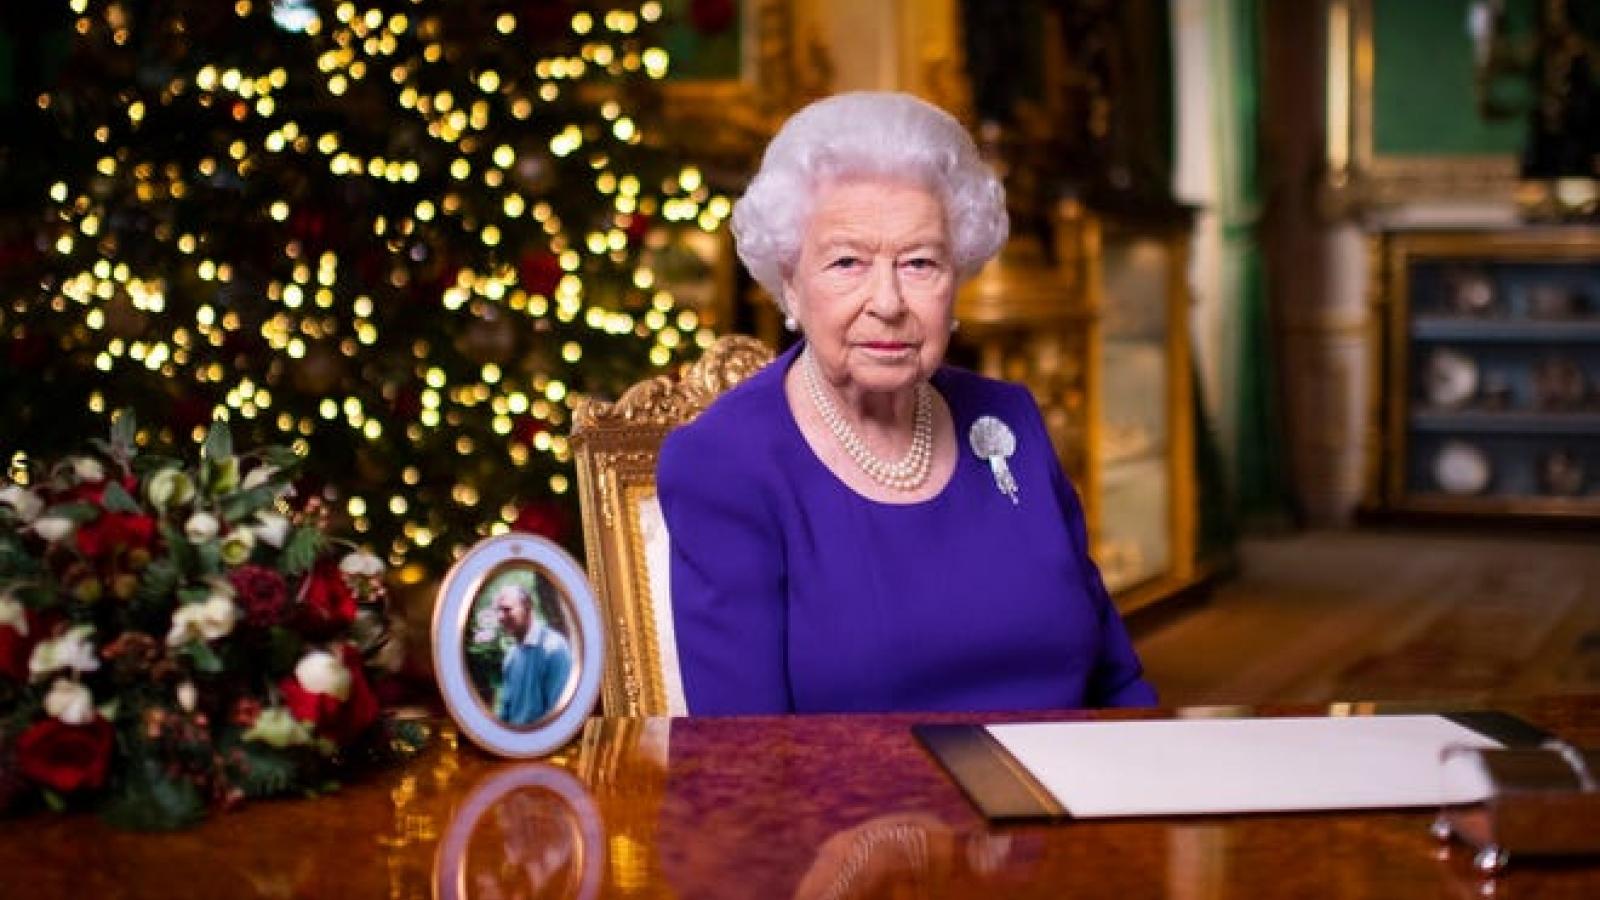 """Nữ hoàng Anh gửi thông điệp Giáng sinh 2020: """"Luôn có hy vọng ở bình minh mới"""""""